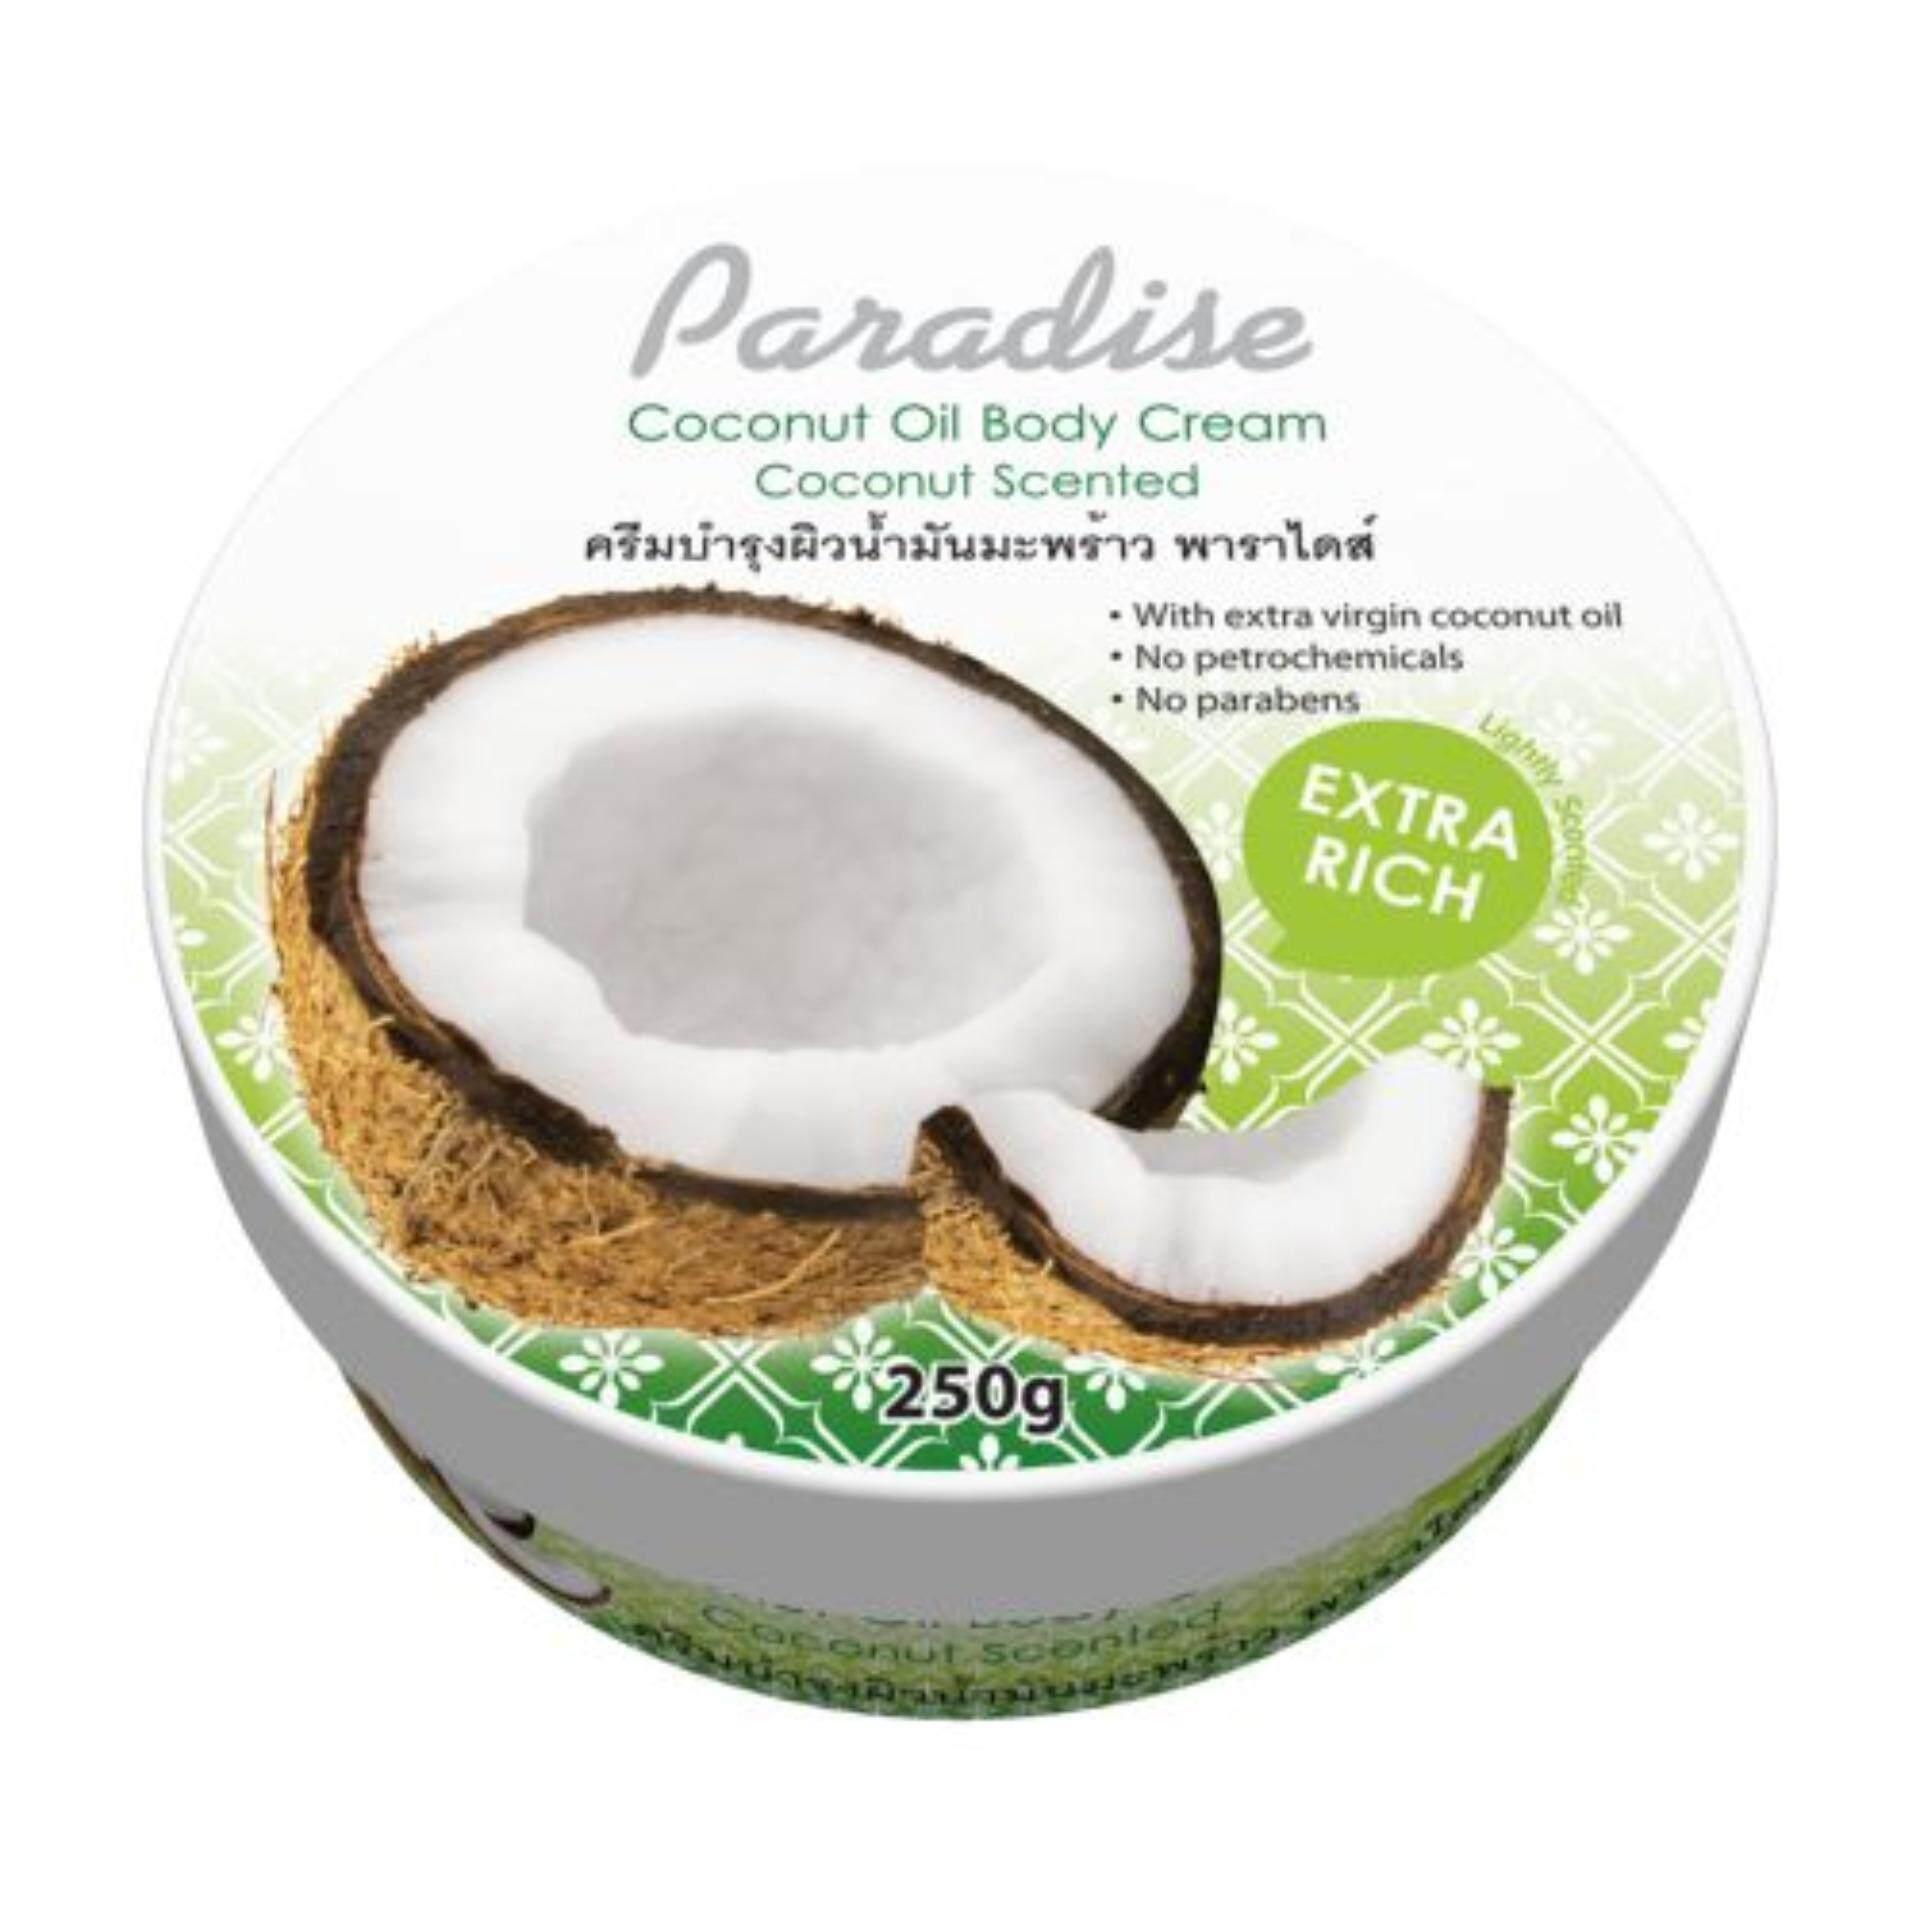 ซื้อ Paradise Coconut Oil Body Cream บอดี้ครีม น้ำมันมะพร้าว 250G ใน กรุงเทพมหานคร